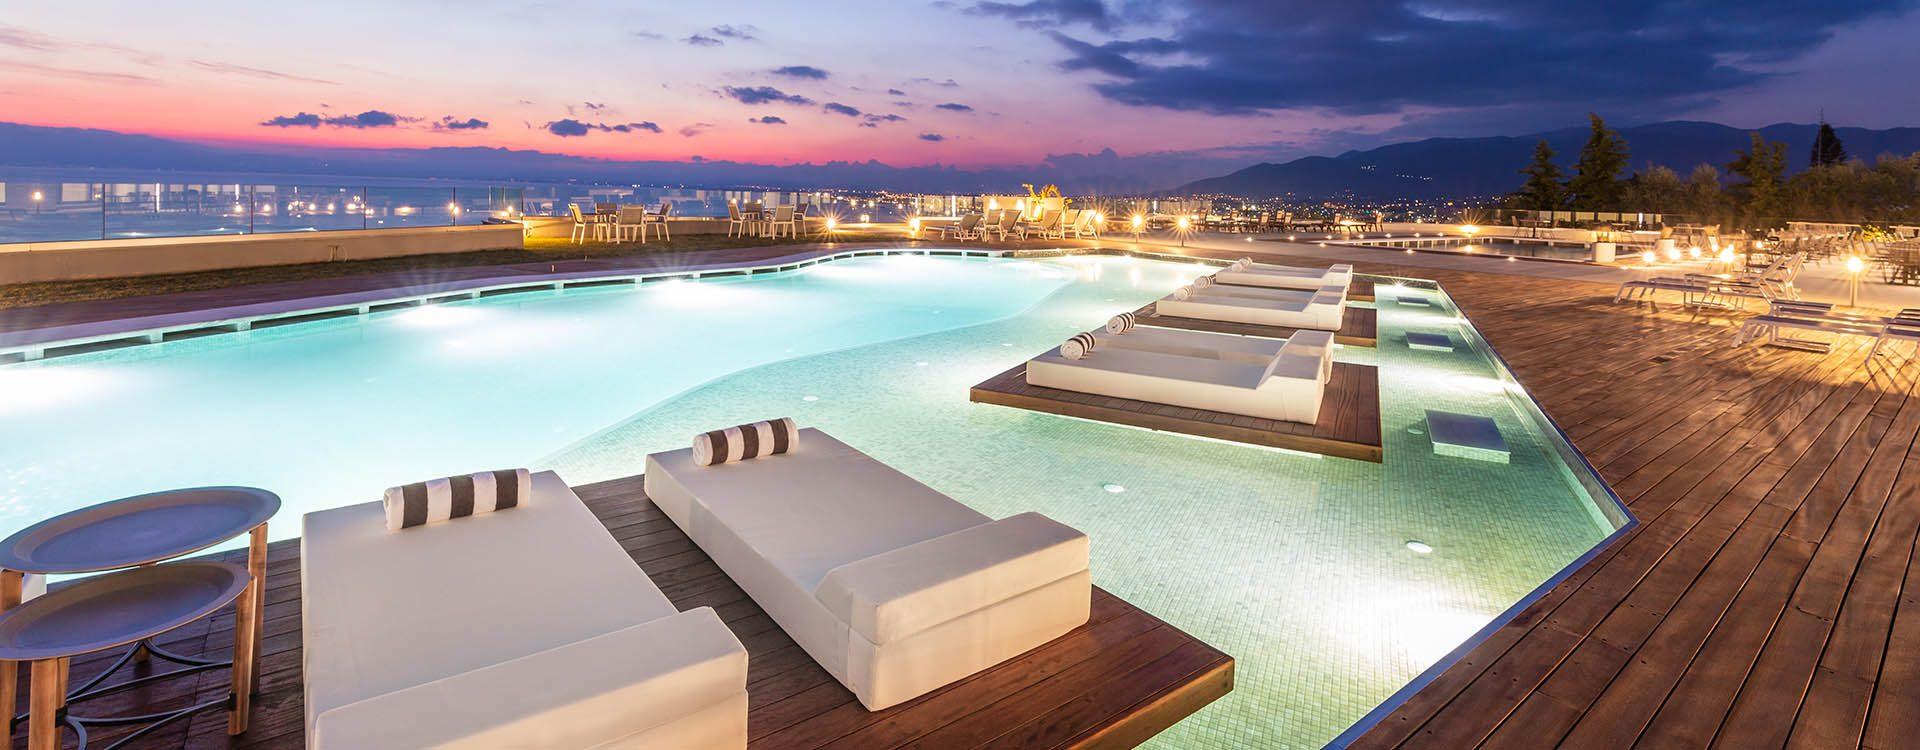 kalamata hotels 5 star - Messinian Icon Hotel